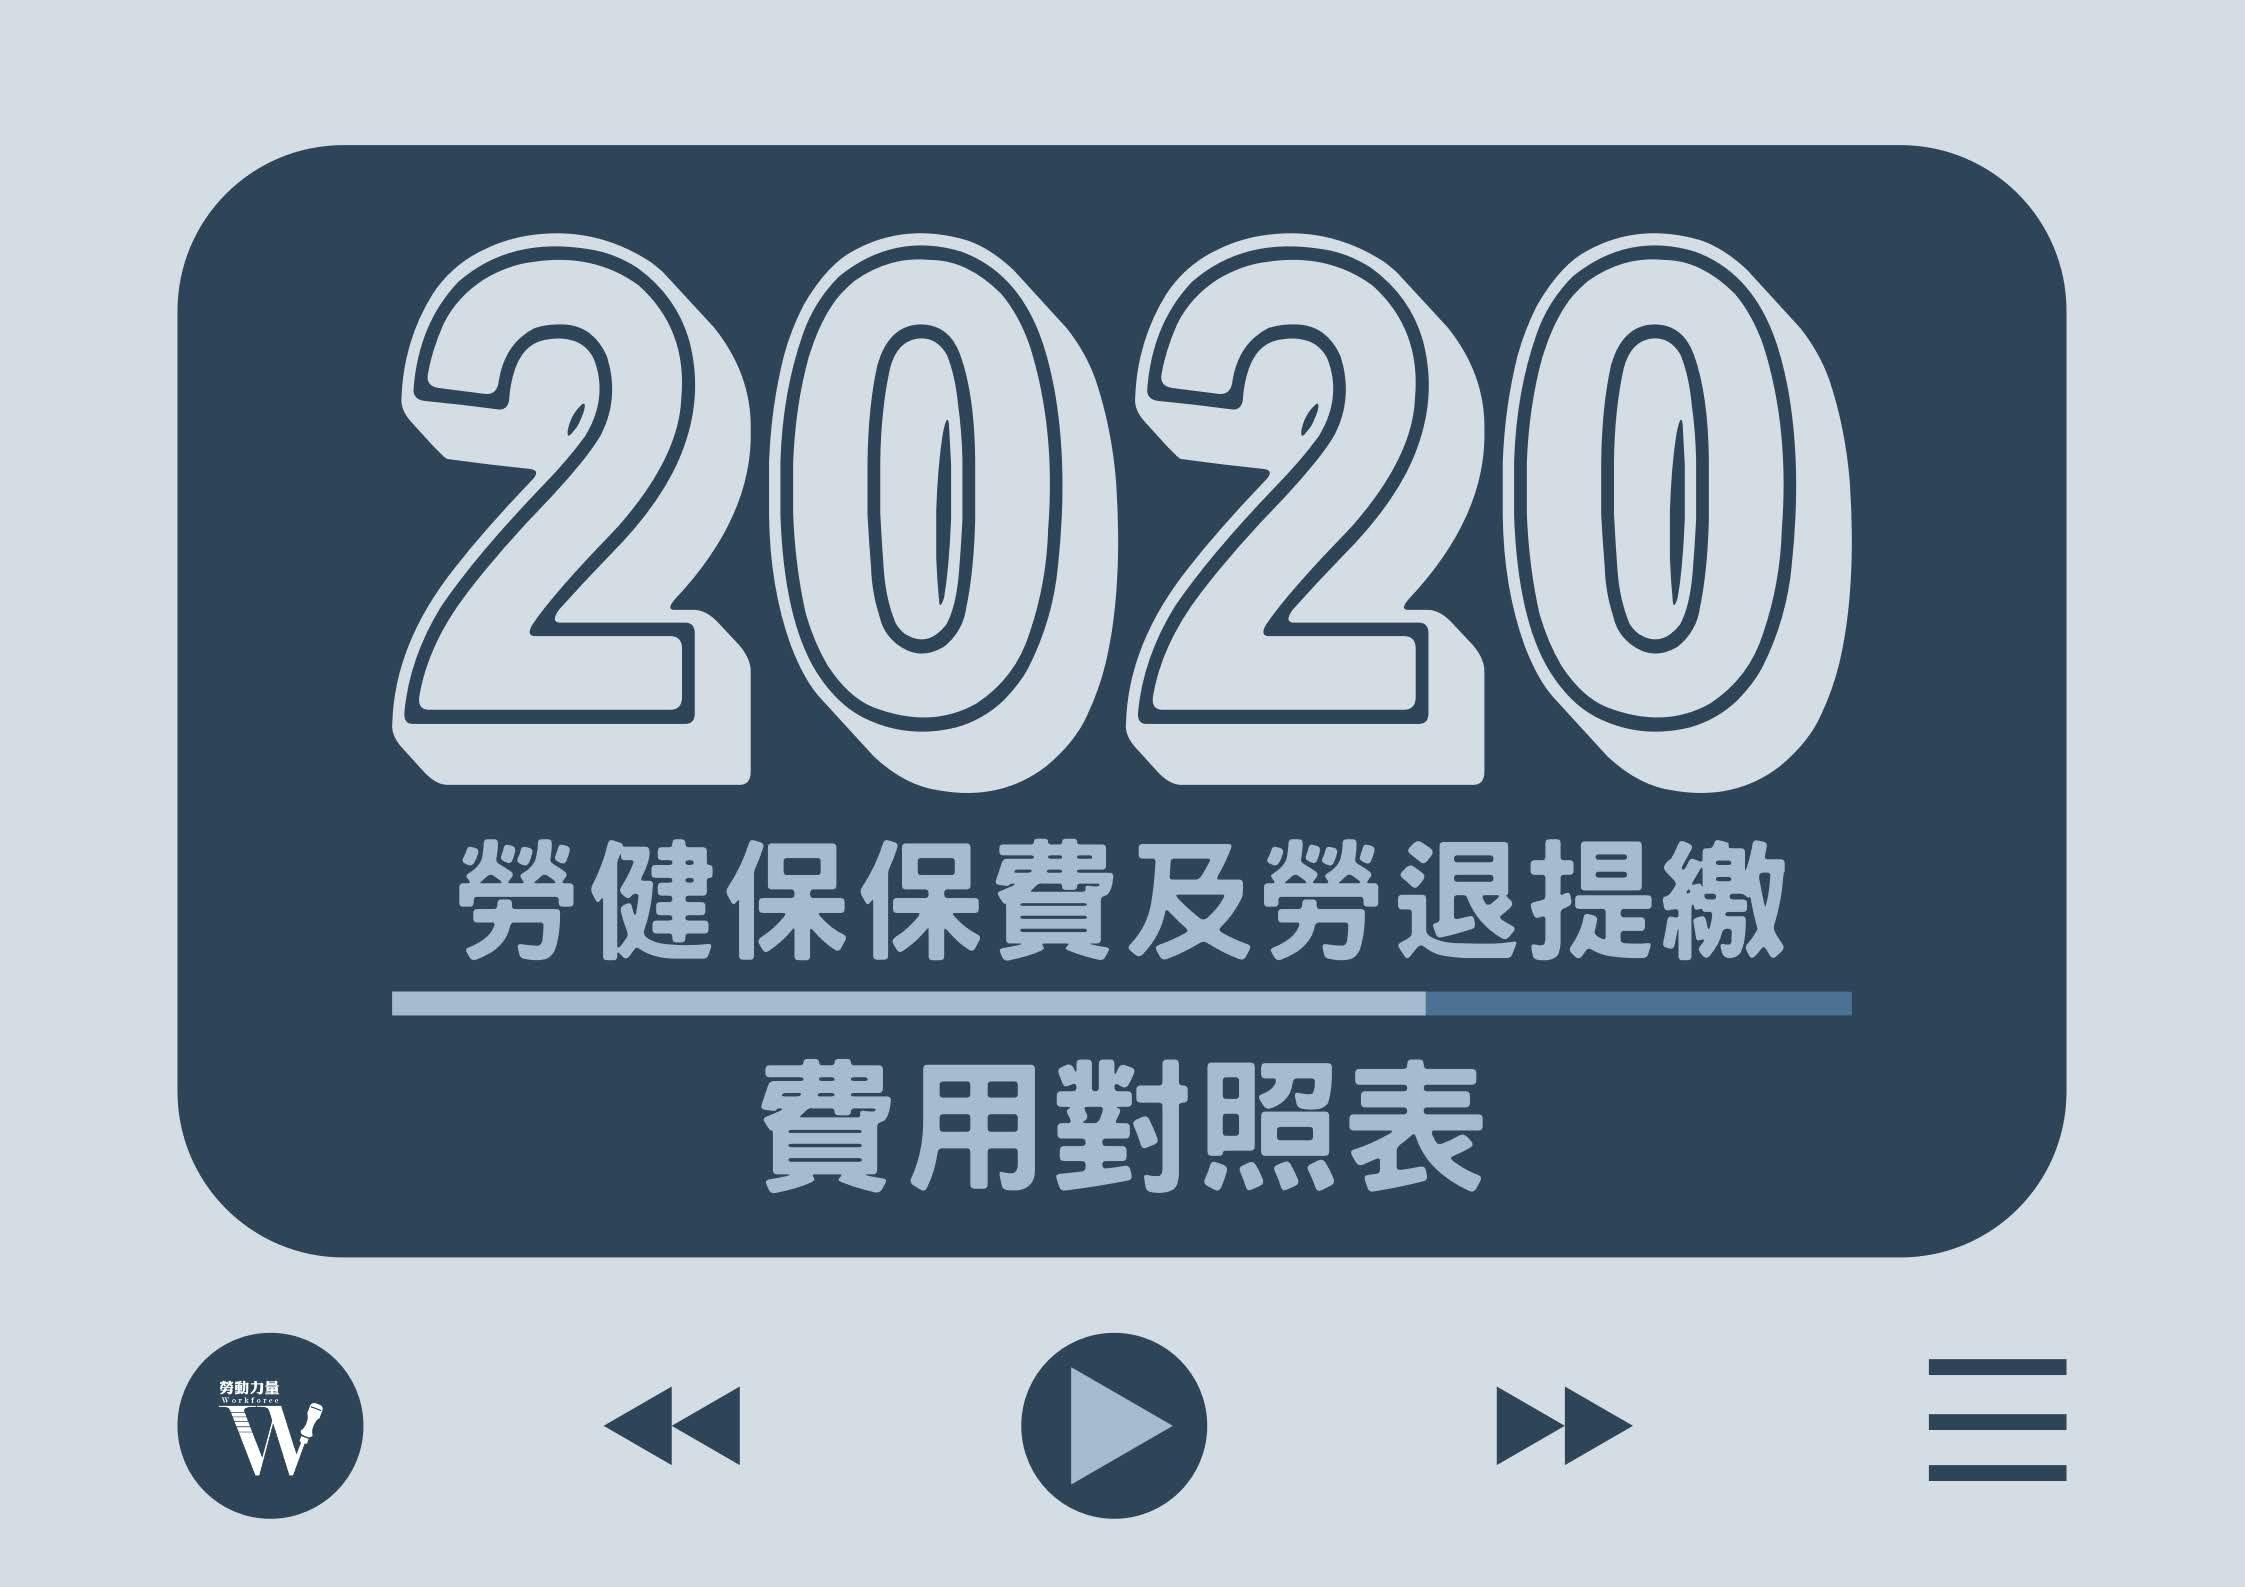 2020年(109年)勞健保保費及勞退提繳費用對照表首圖